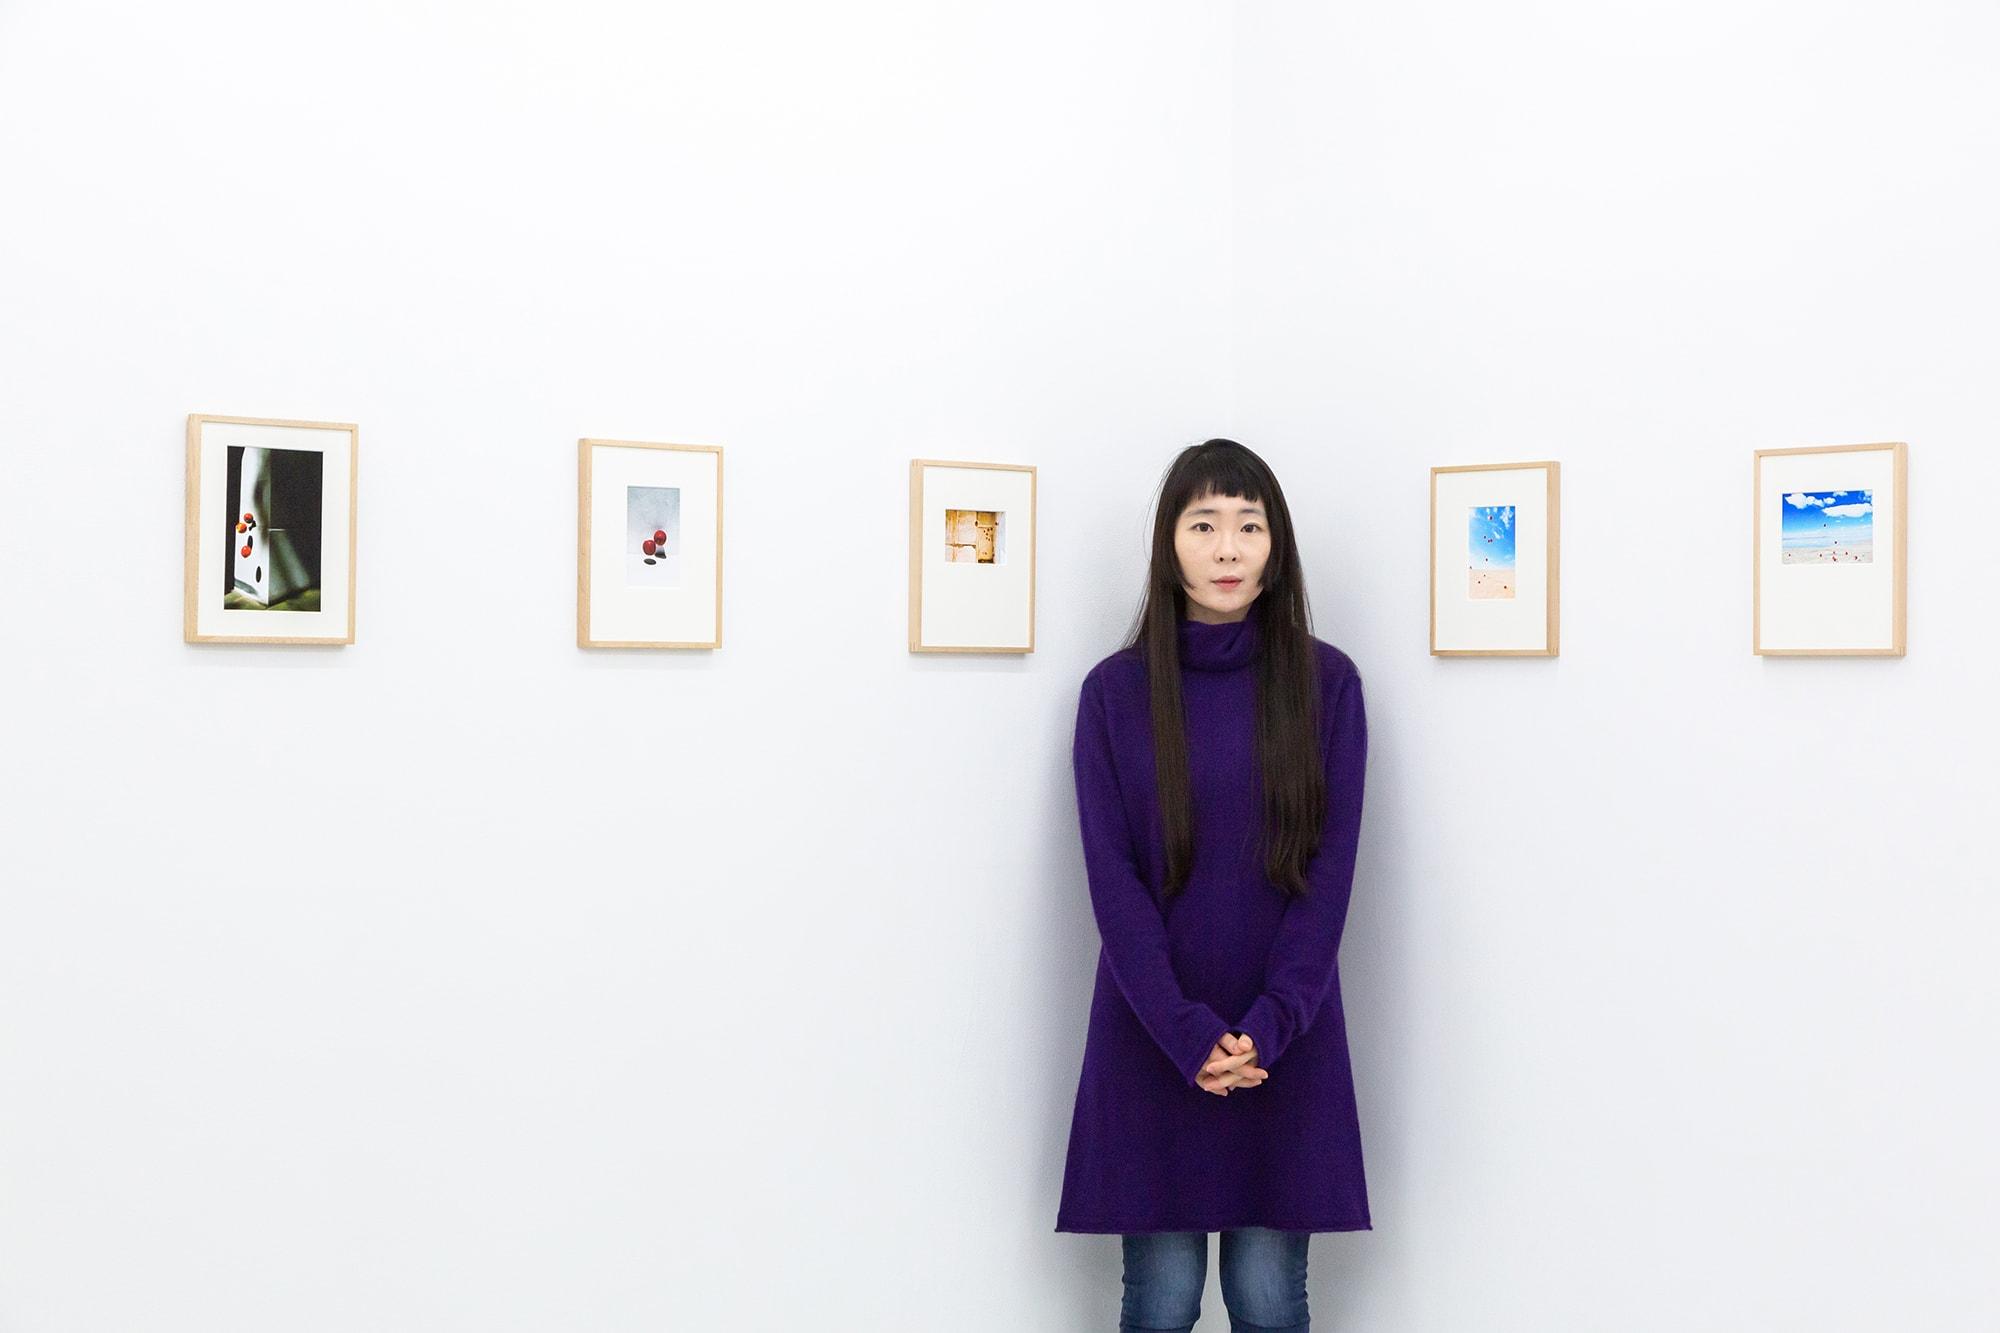 アン・ジュンインタヴュー「死に向かう過程としての生、その瞬間の美しさを写真に撮ること」 | アン・ジュン